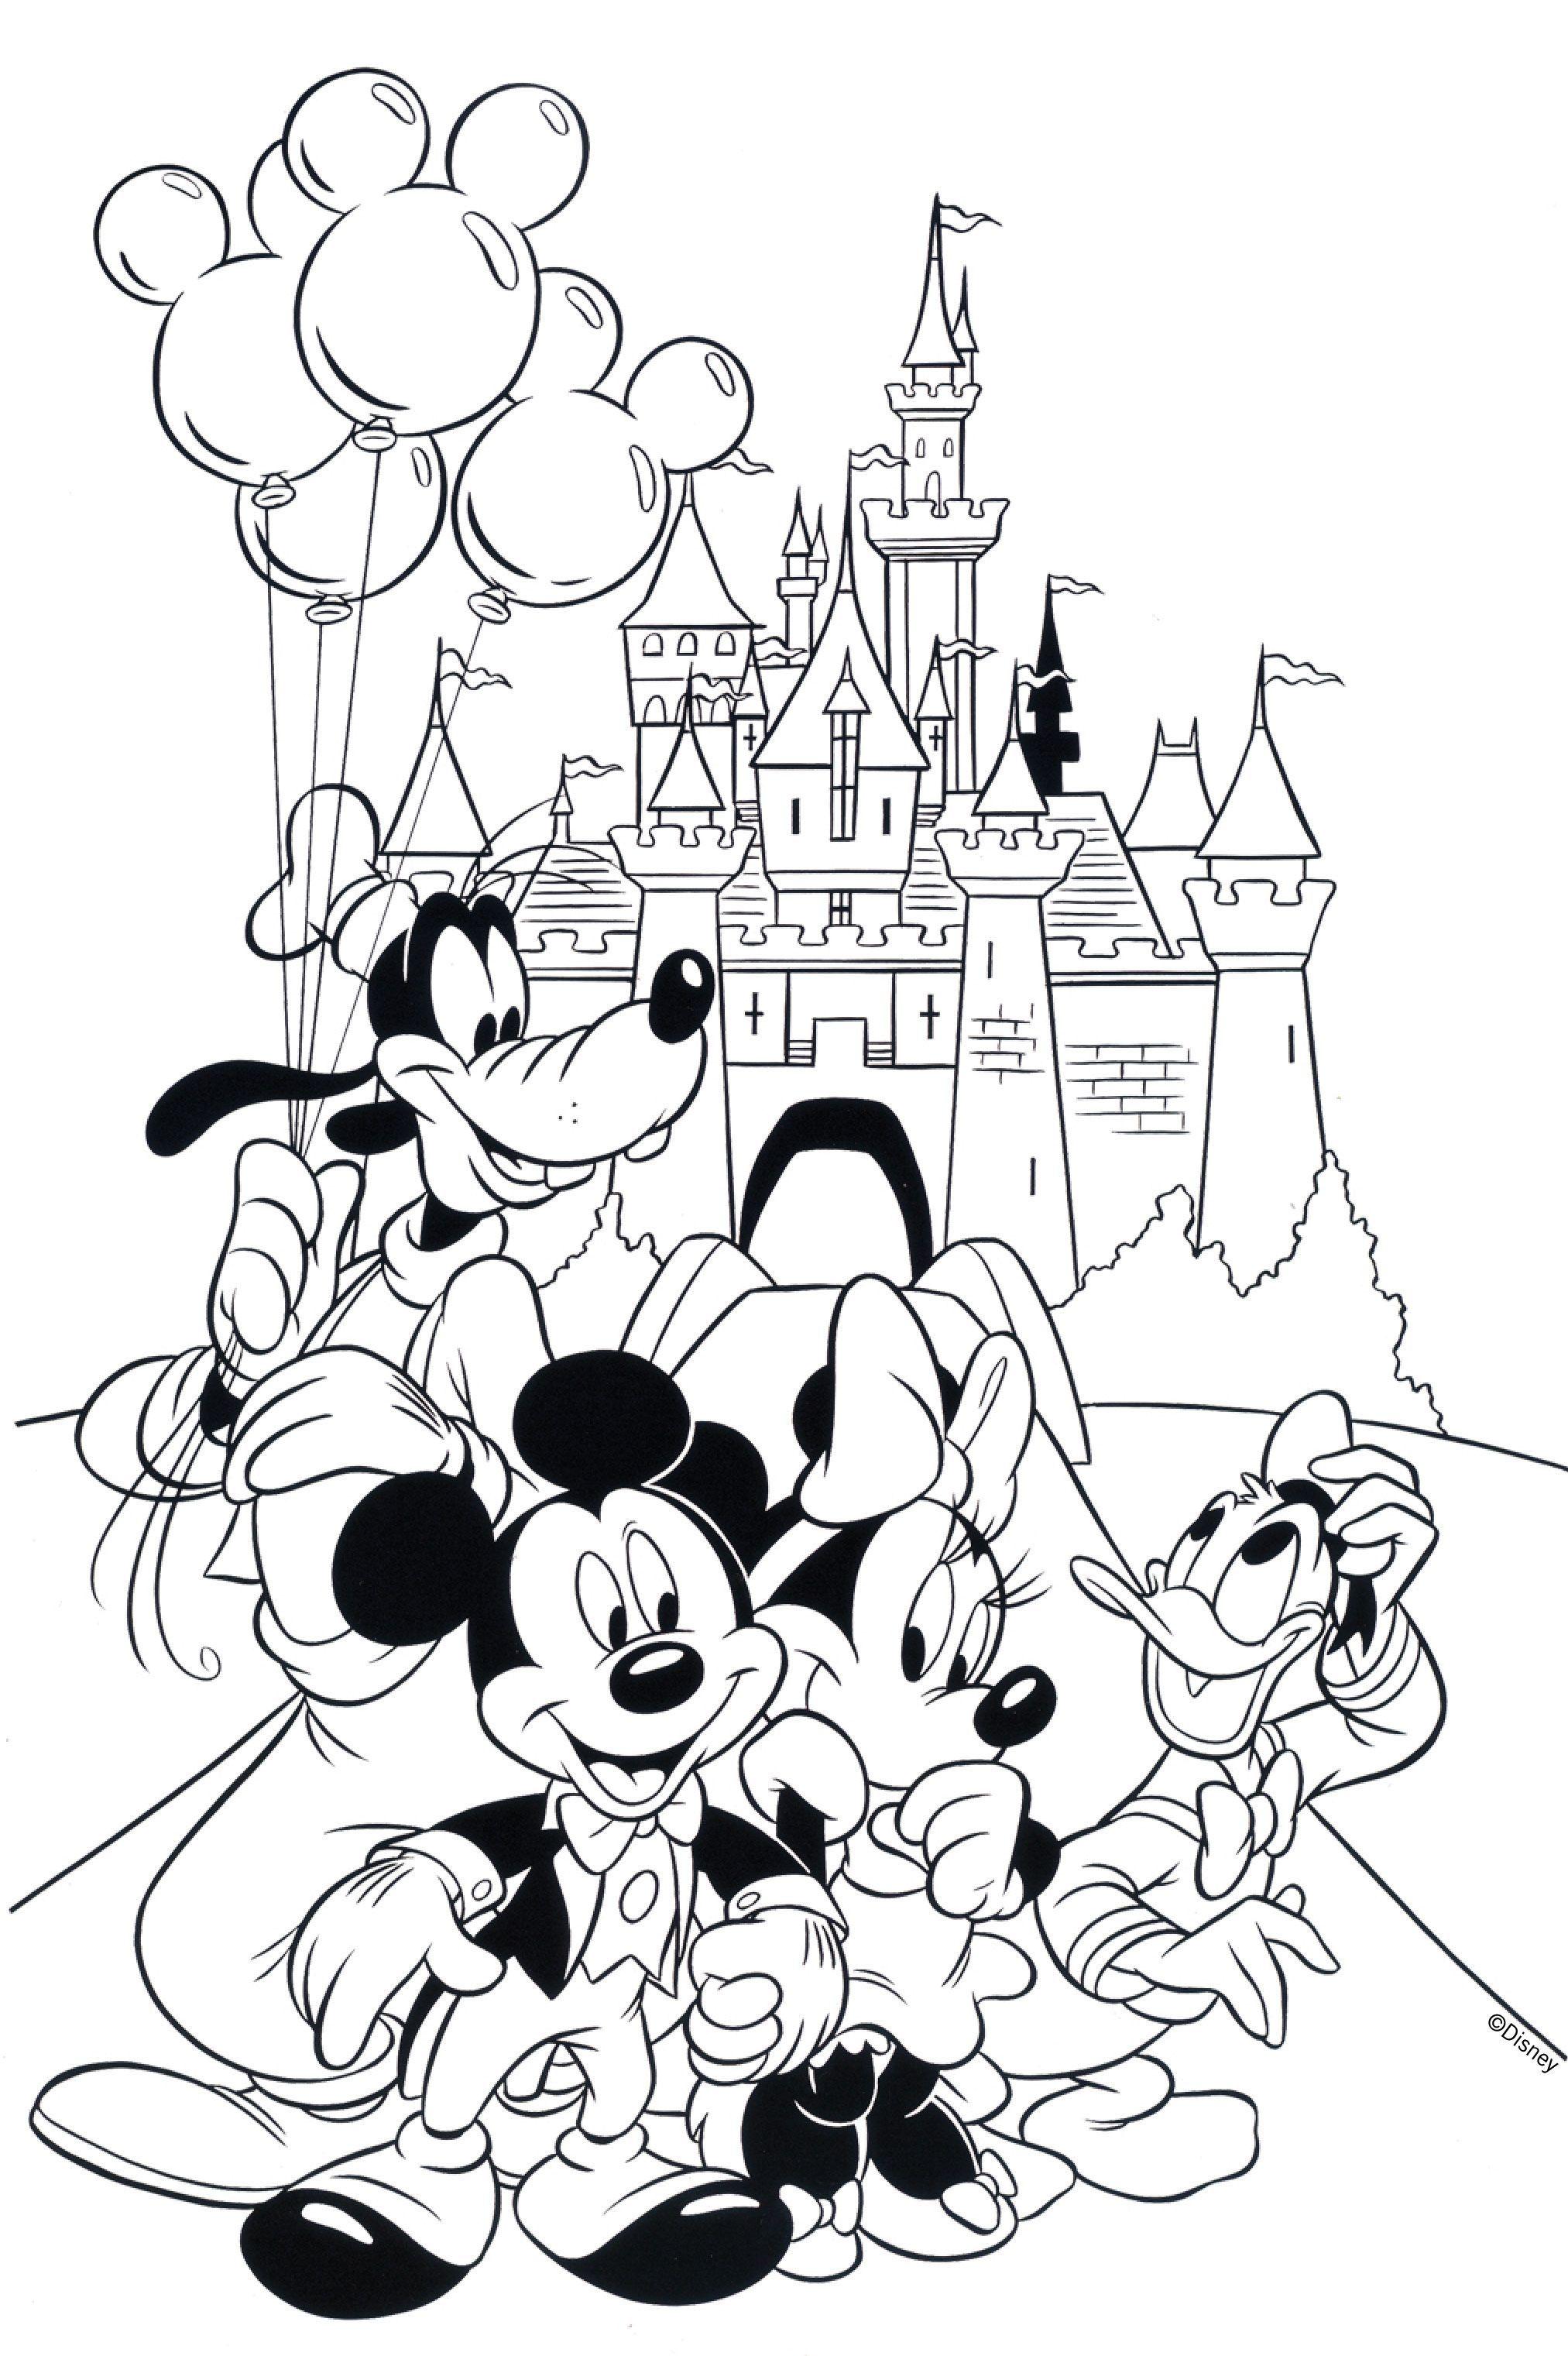 Disney Coloring Books Disney Coloring Books Disney Coloring Books Amazon Disney Coloring Books At Dolla Disegni Da Colorare Libri Da Colorare Disegni Disney